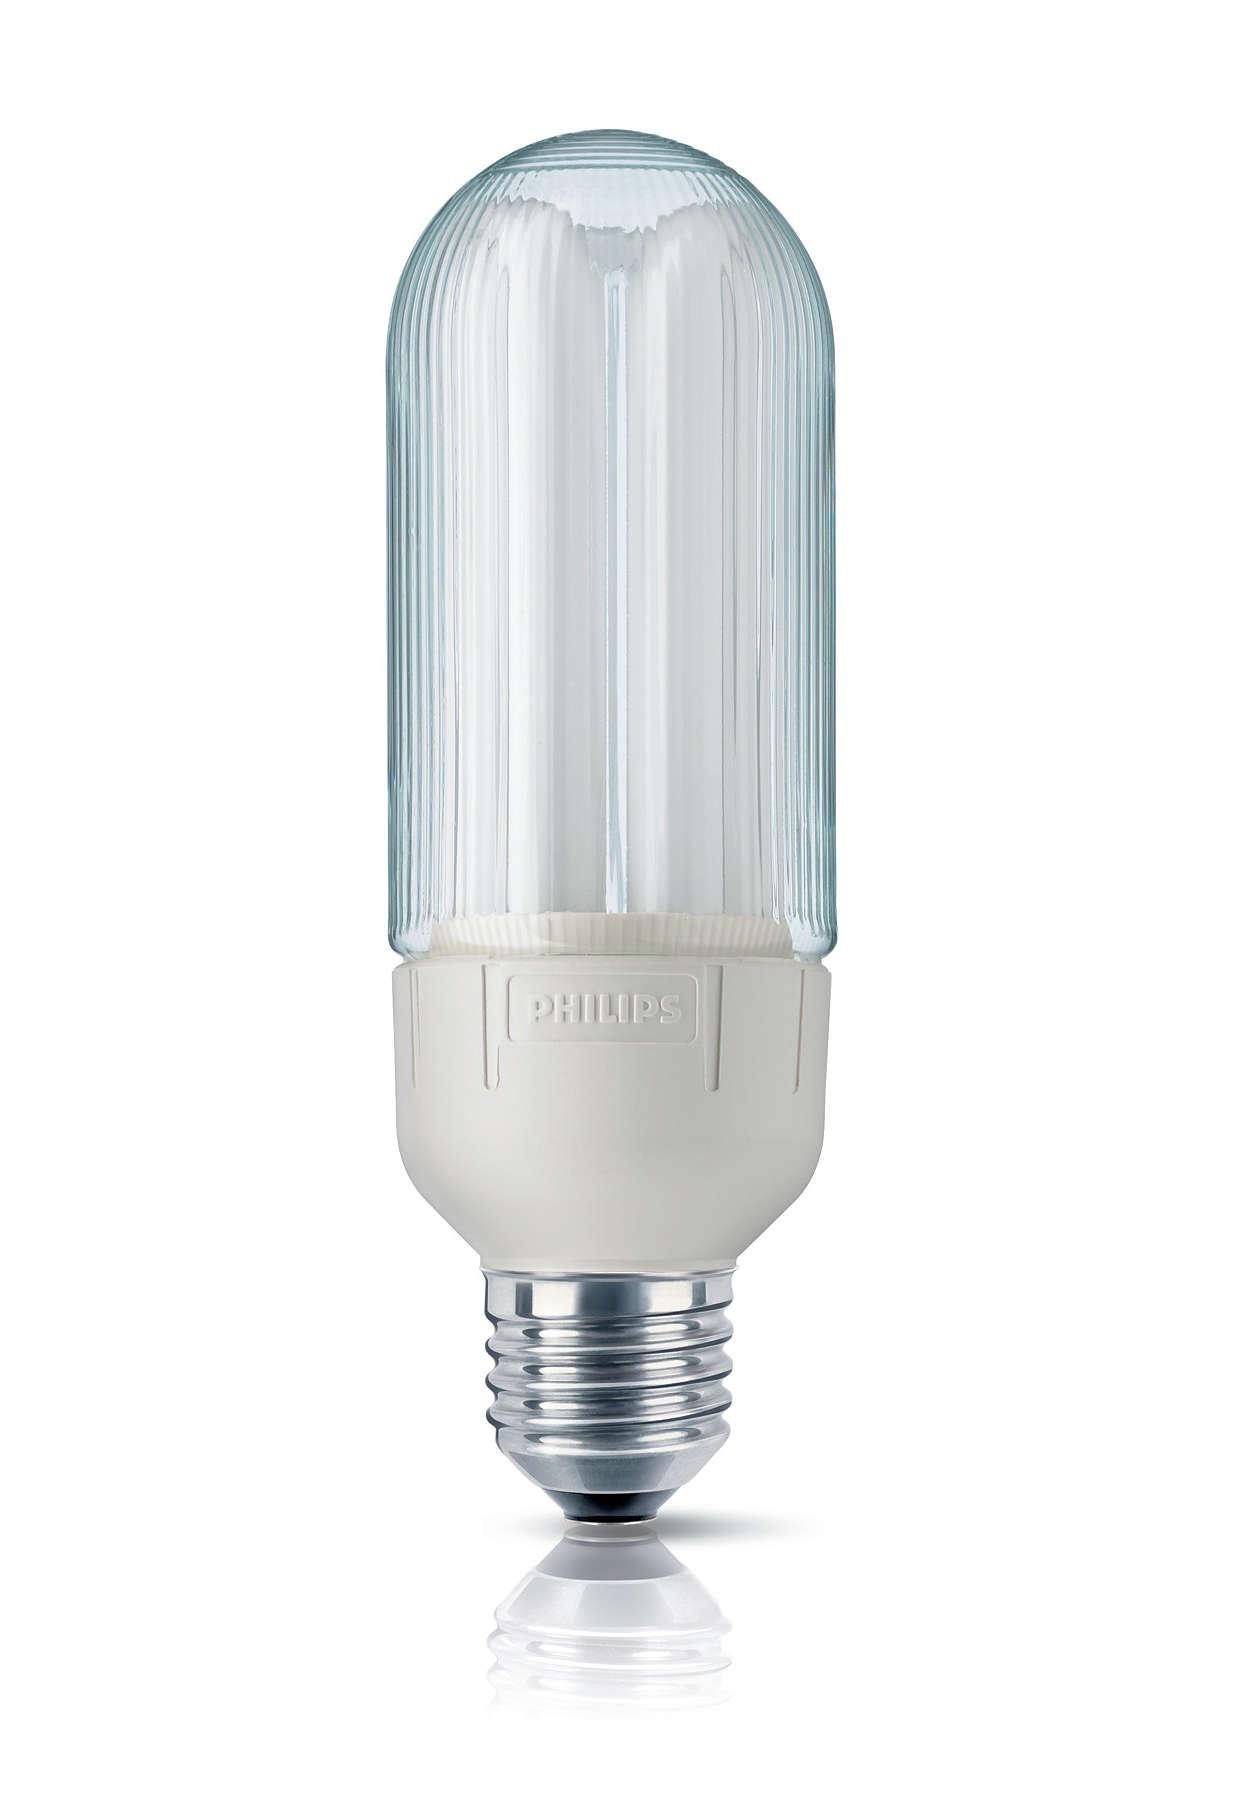 Iluminación para exteriores que ofrece un buen ambiente